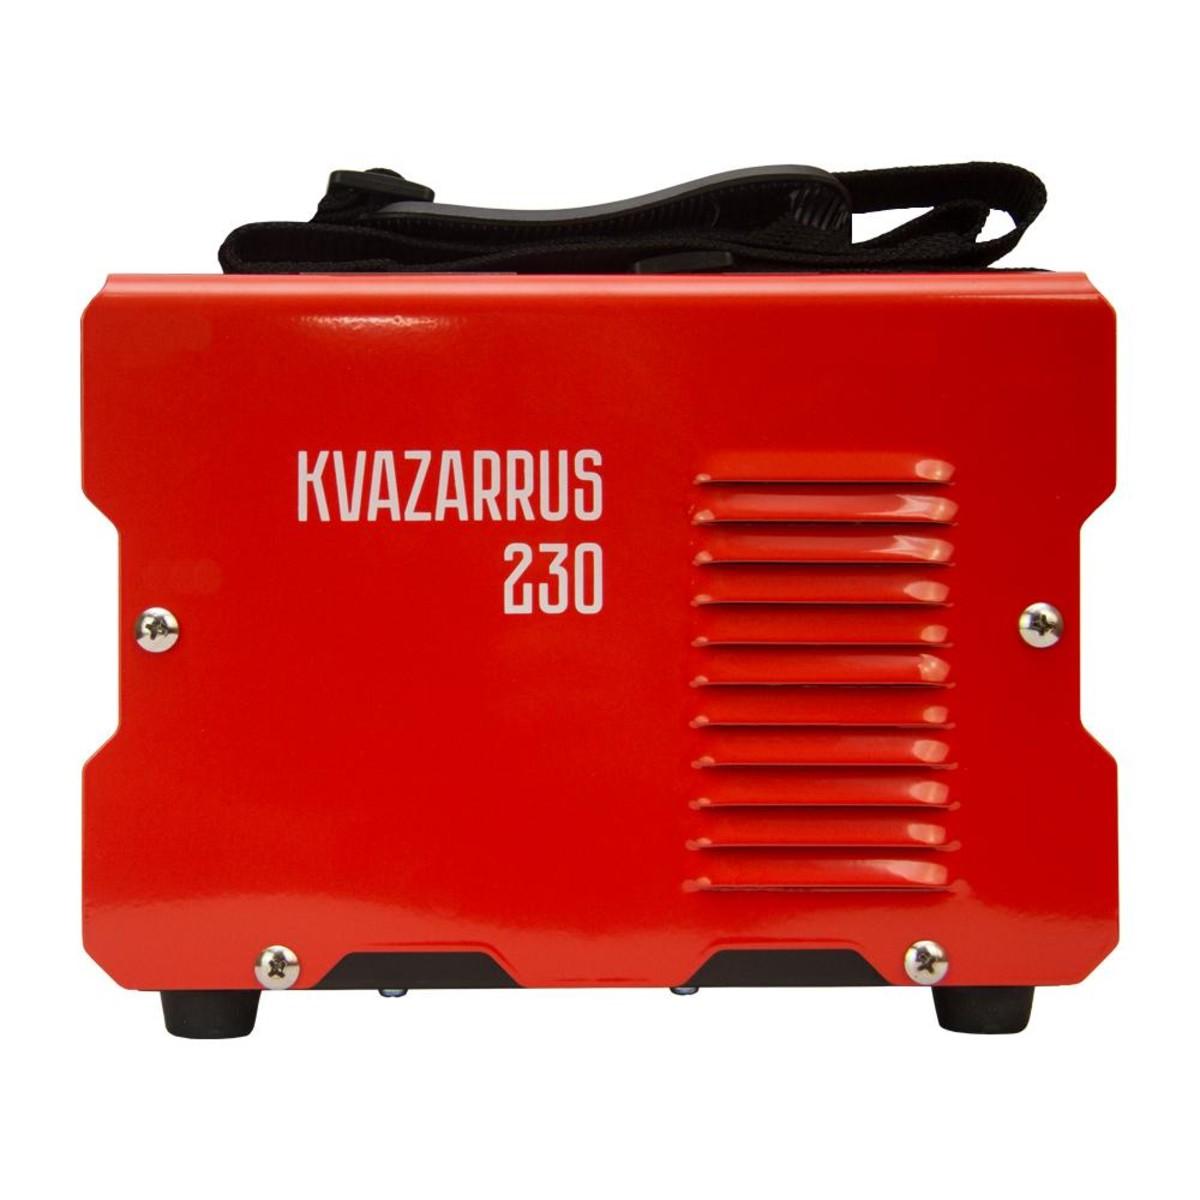 Дуговой Сварочный Инвертор Kvazarrus 230